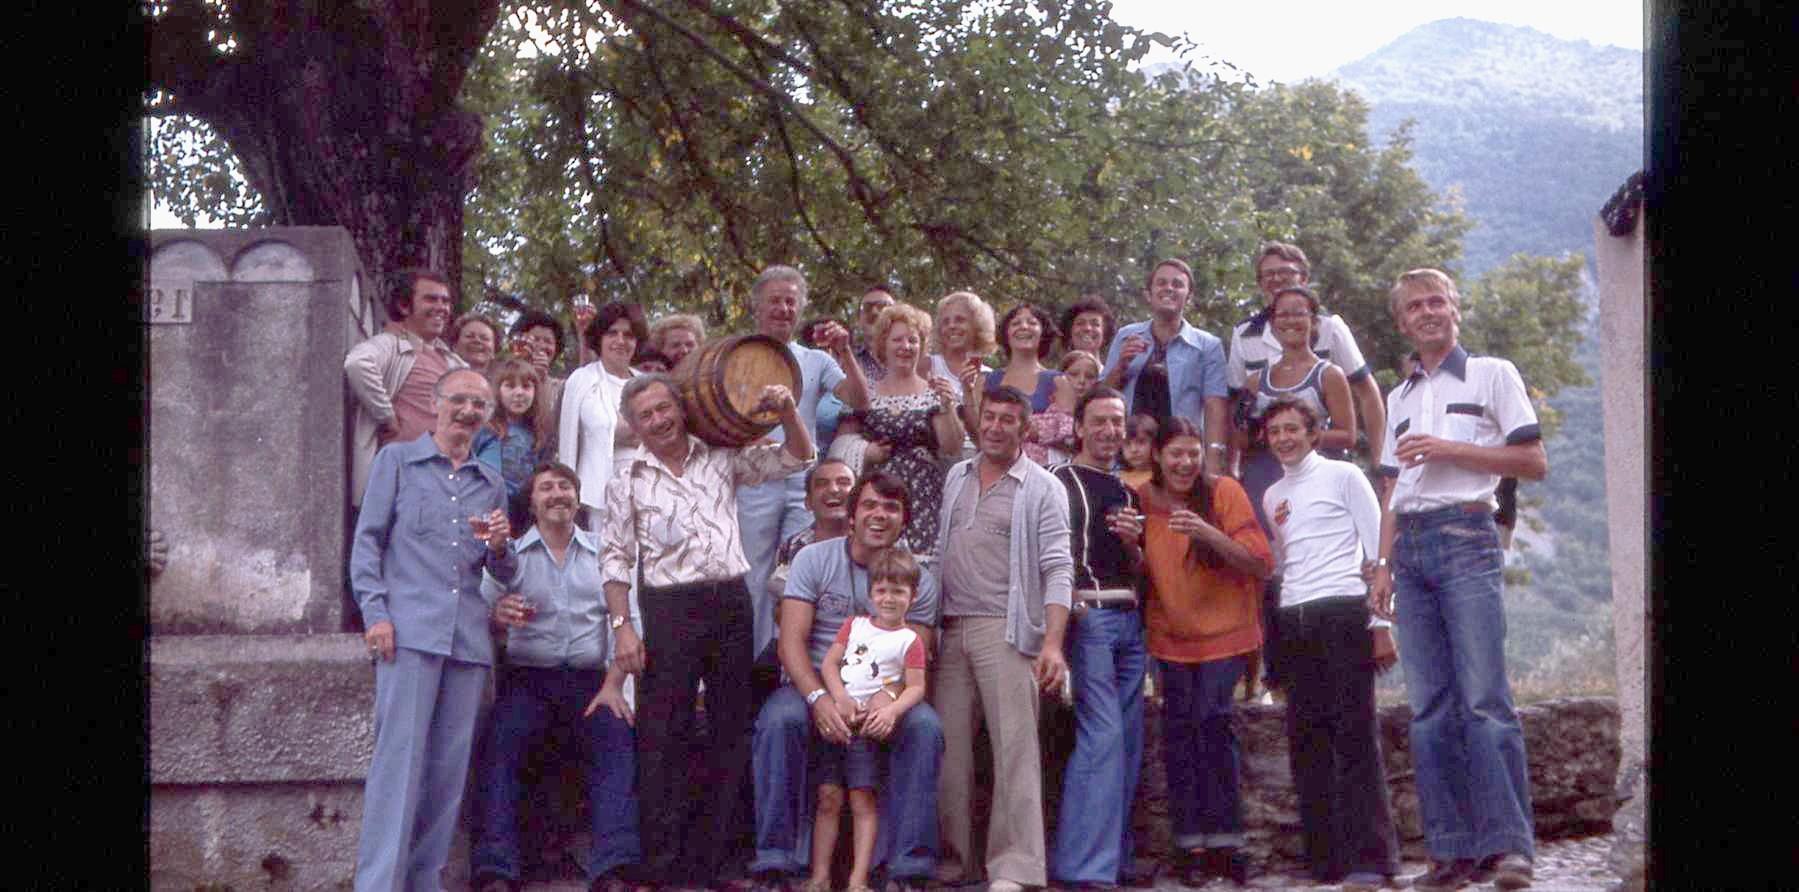 Saorge monastère août 1977.jpg